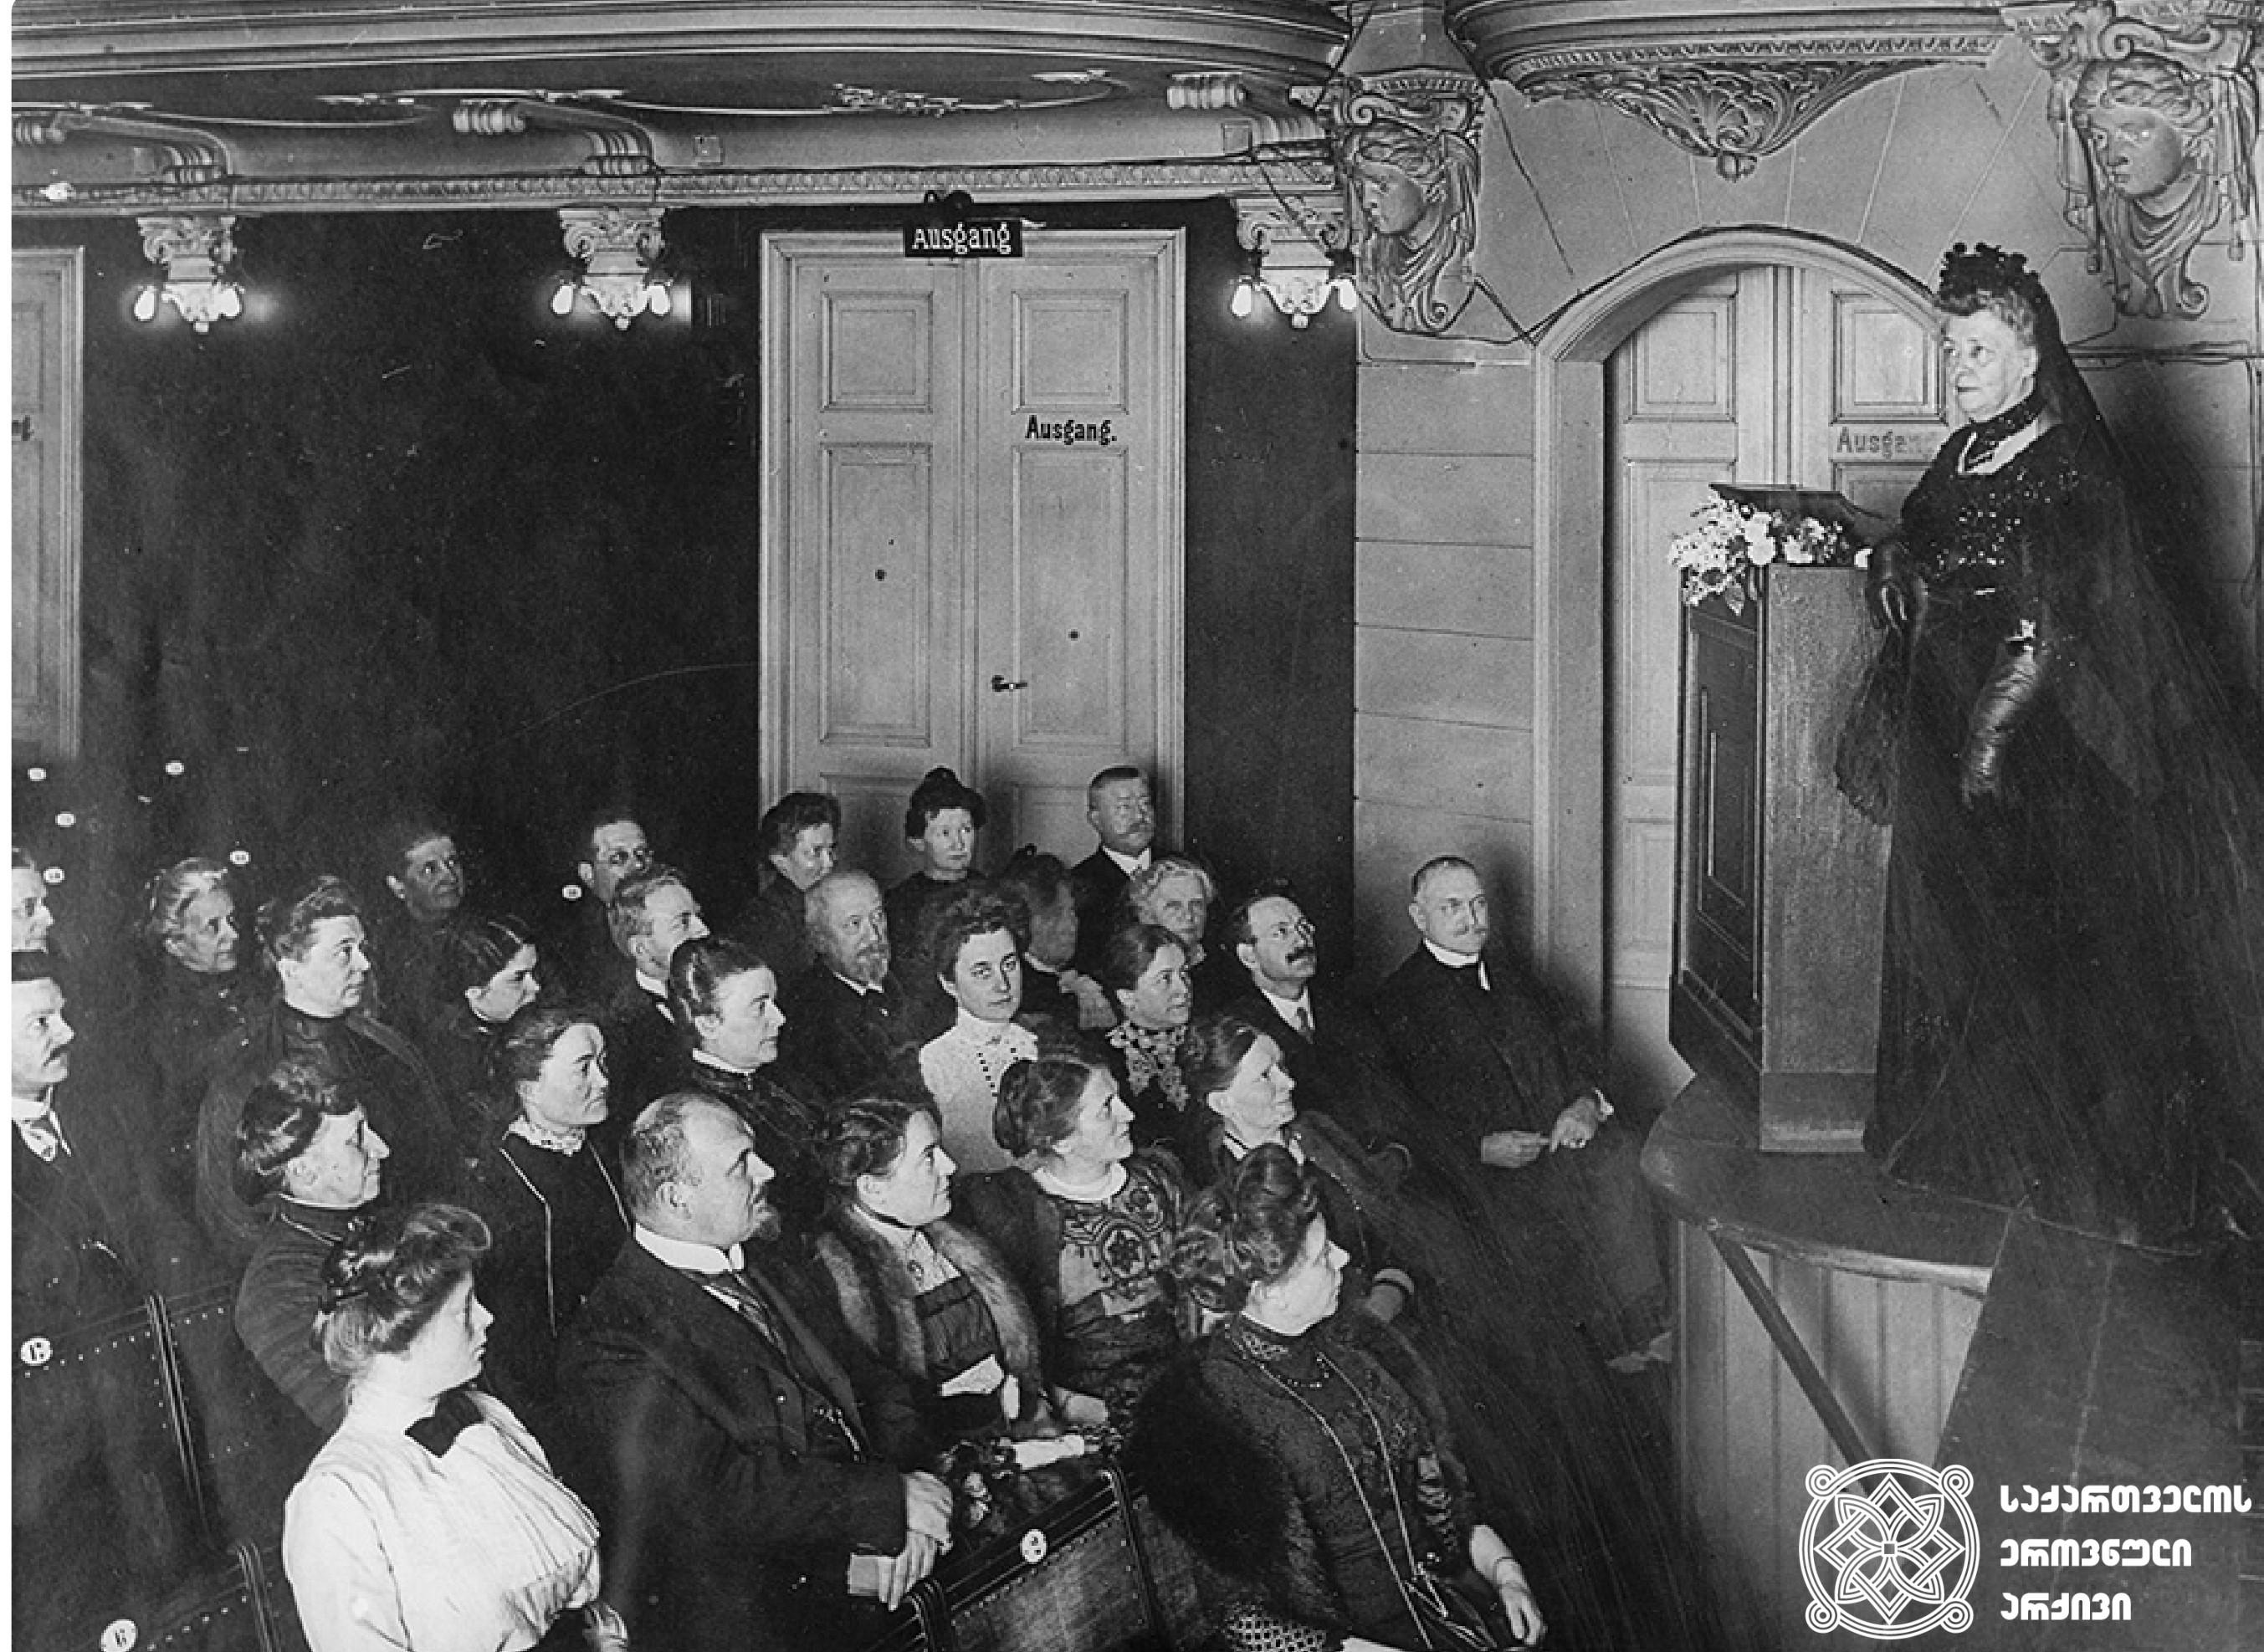 ბერტა ფონ ზუტნერი სიტყვით მშვიდობის შესახებ გამოსვლისას. ბერლინი, 1913 <br> Bertha Von Suttner giving a speech on pacifism, Berlin, Germany, 1913,